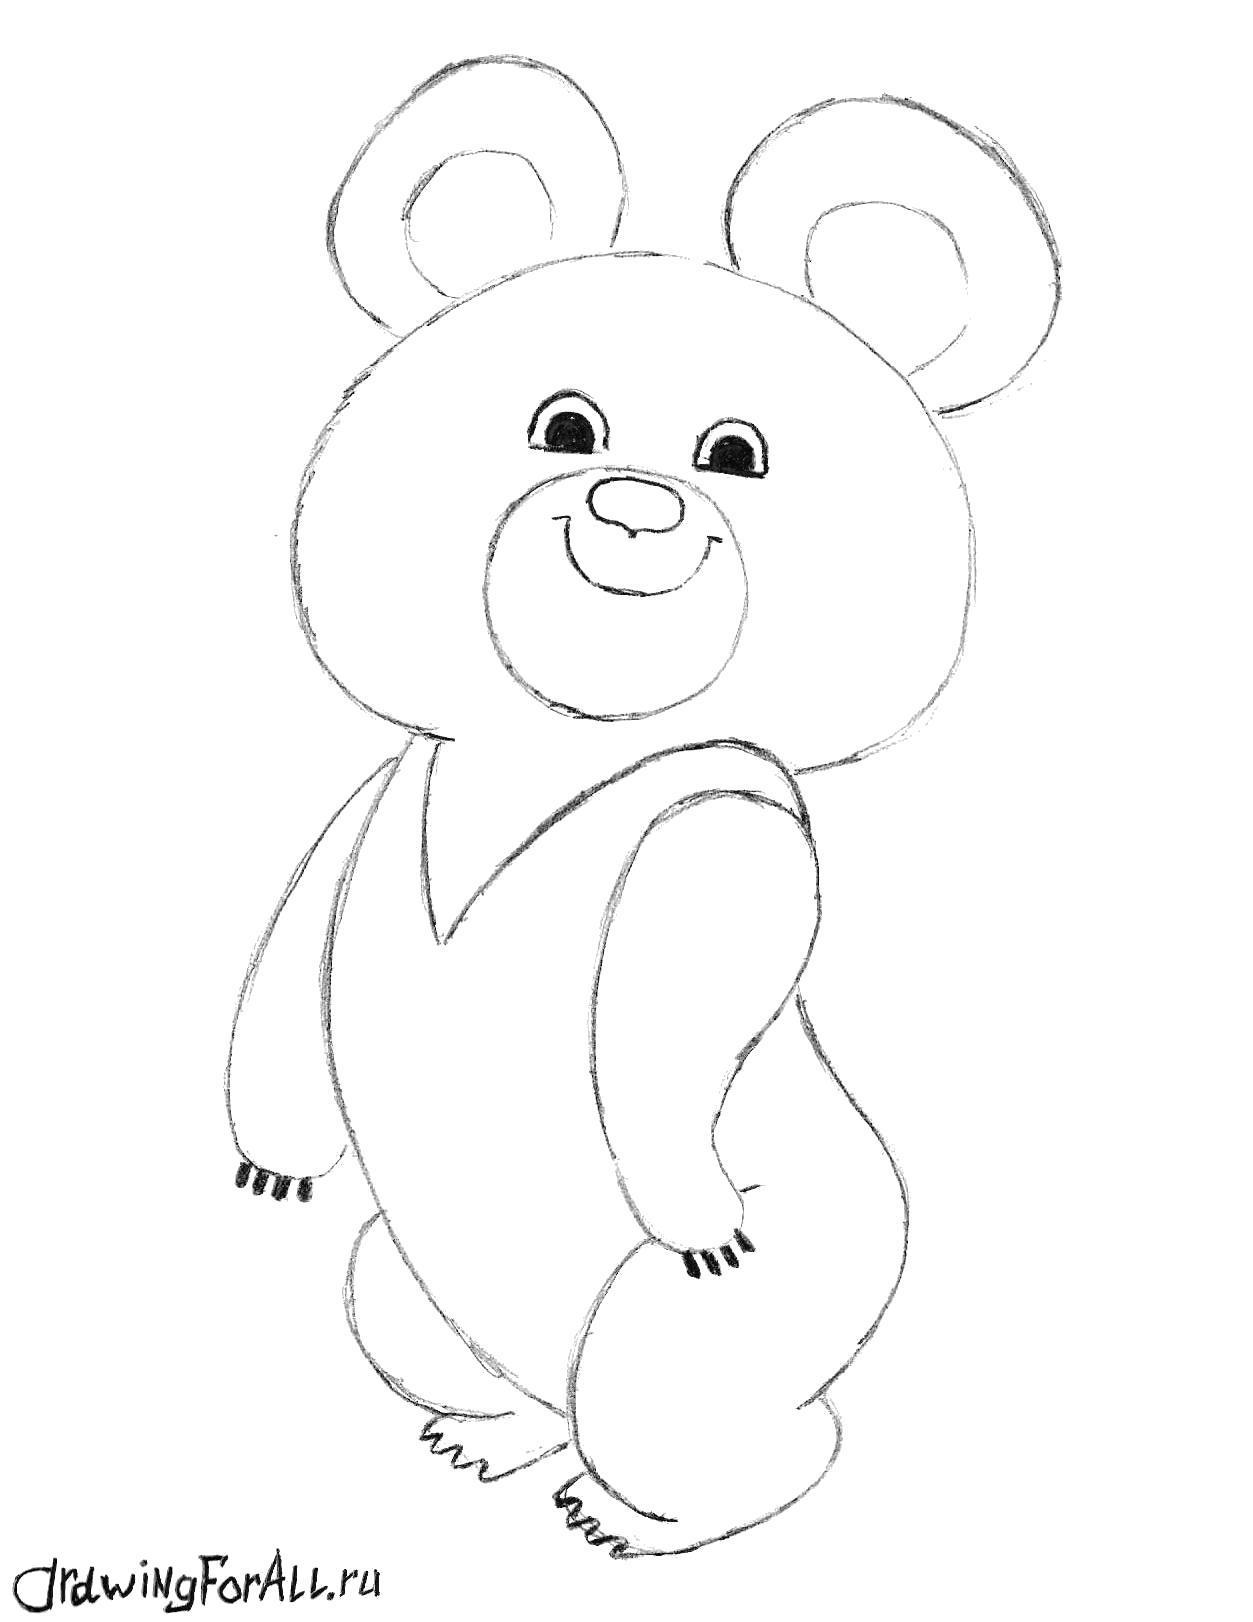 Раскраска как нарисовать олимпийского медвежонка. Скачать Как нарисовать.  Распечатать Как нарисовать